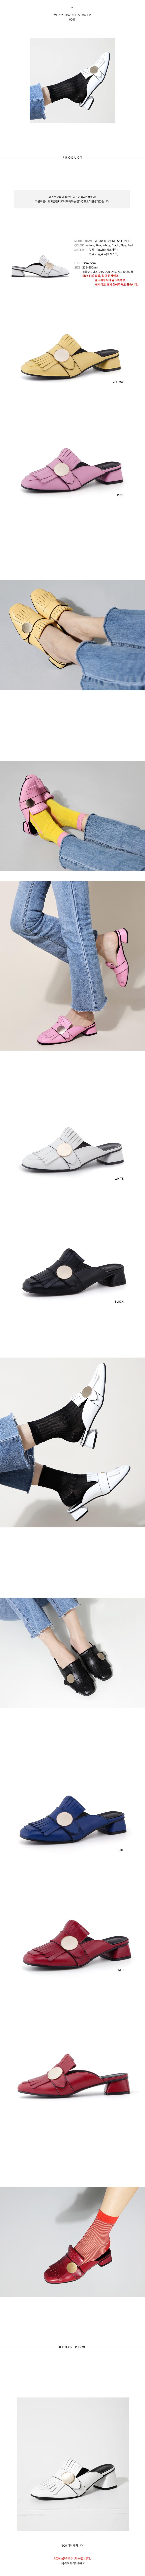 레이브업(RAVE UP) Merry U Backless Loafer Black_0047